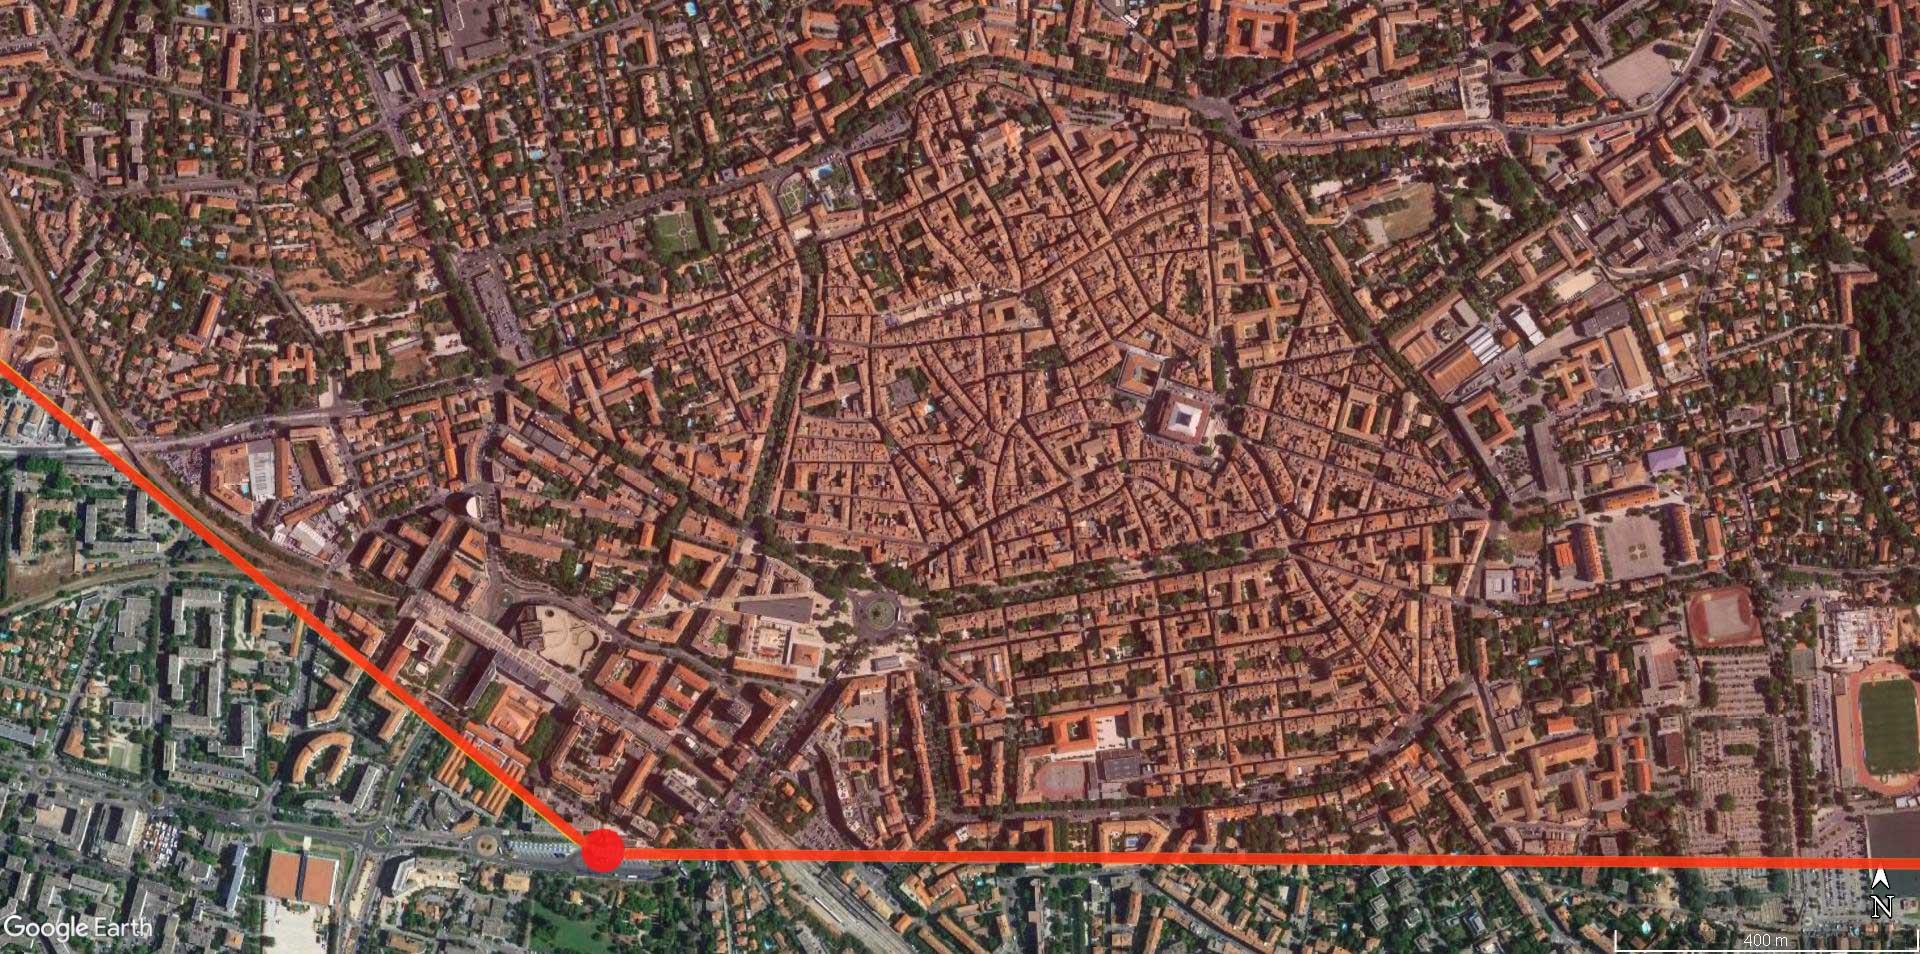 En rouge, l'angle de prise de vue du panorama de 1905 une fois assemblé